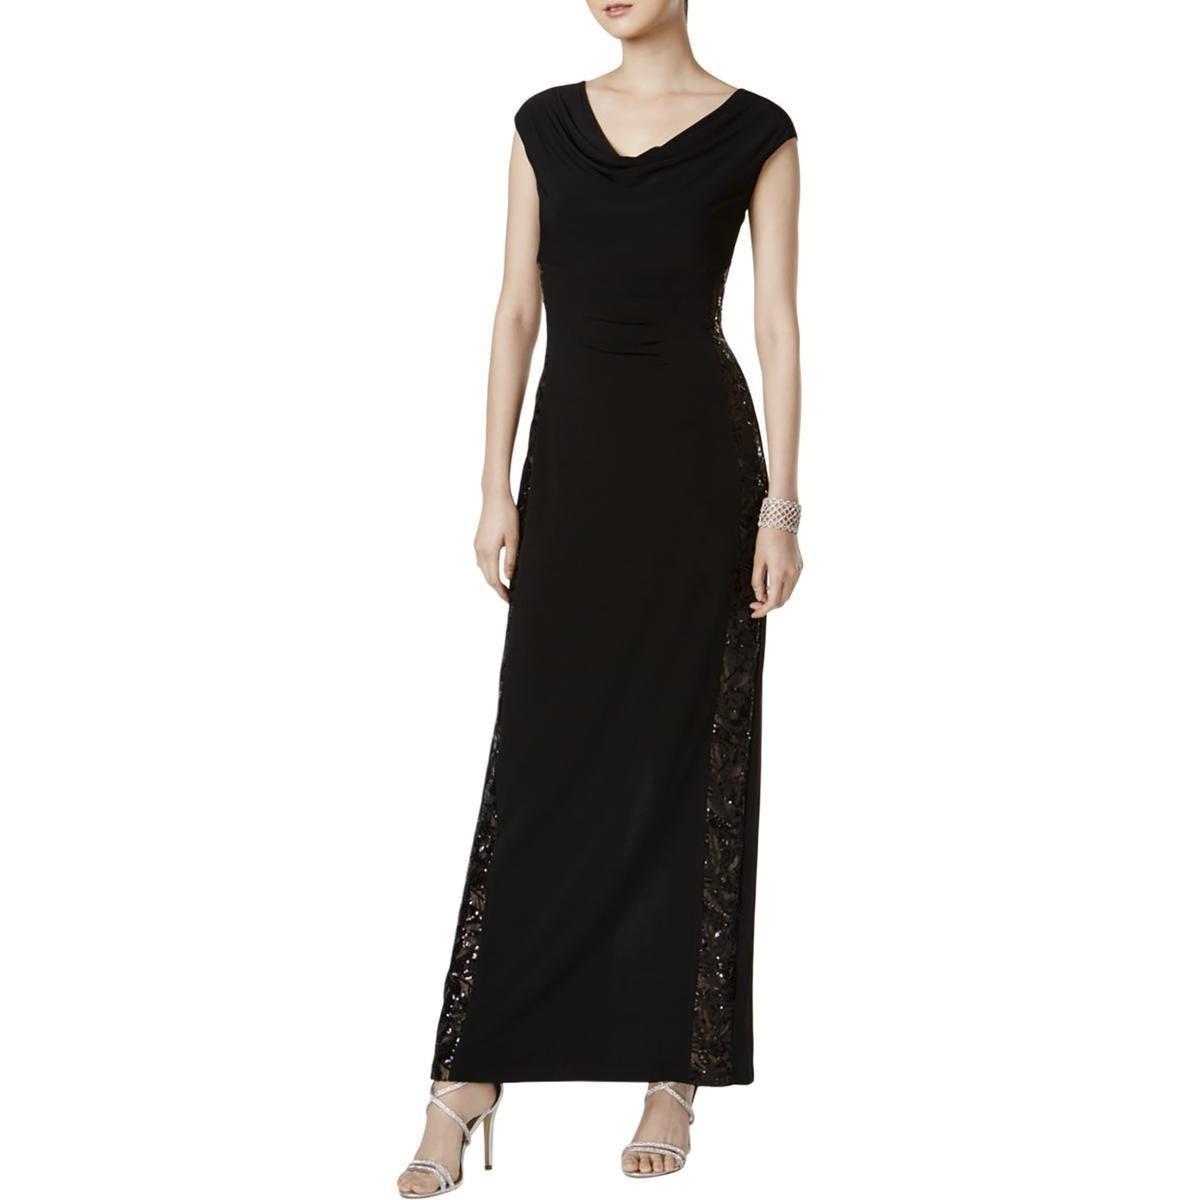 2d39d515b Vestido De Noche Para Mujer -   299.00 en Mercado Libre